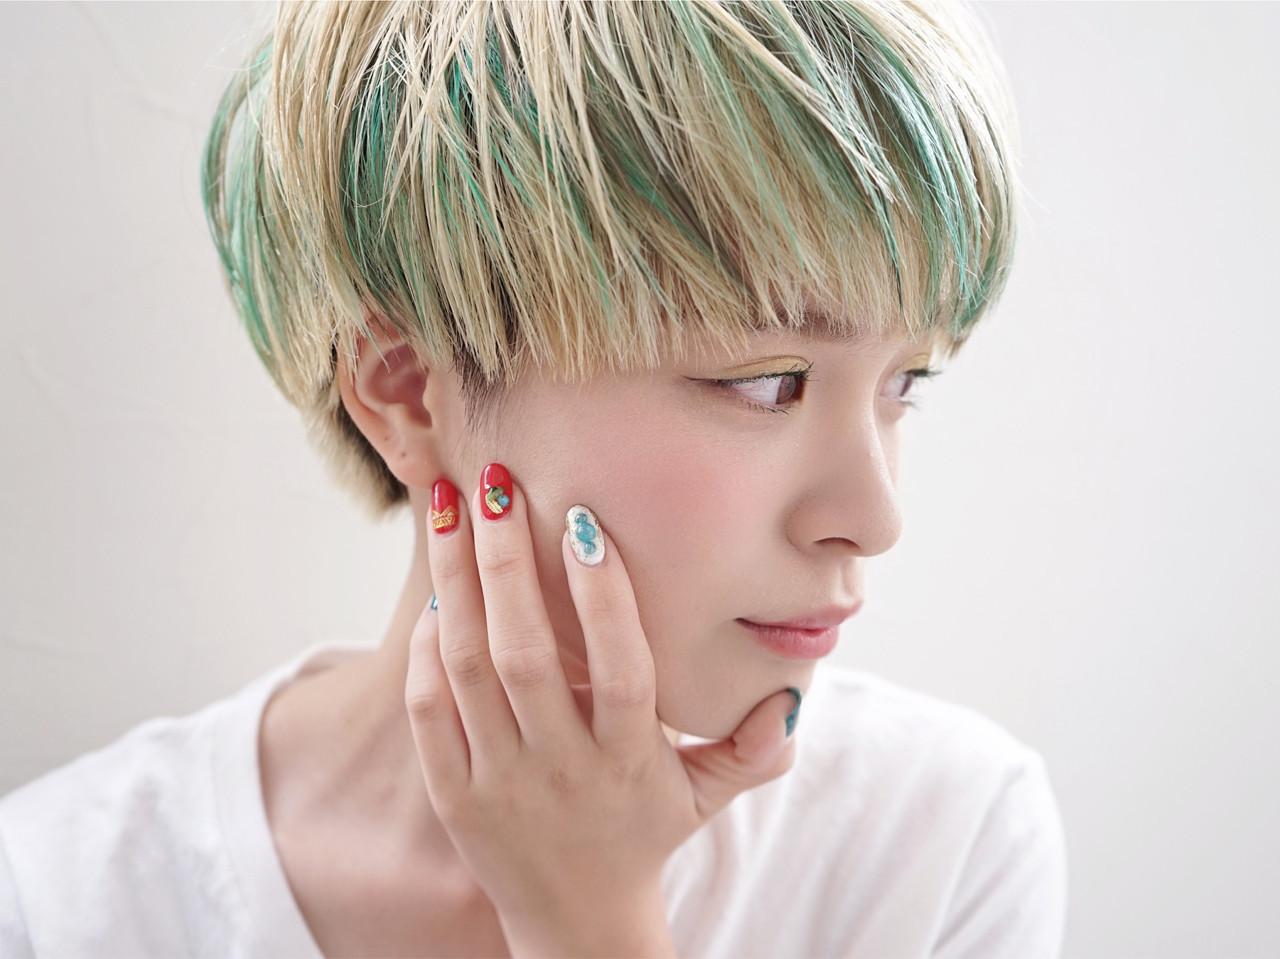 緑の髪色で作る透明感♡ナチュラル個性派髪色に挑戦したいアナタに♡の9枚目の画像